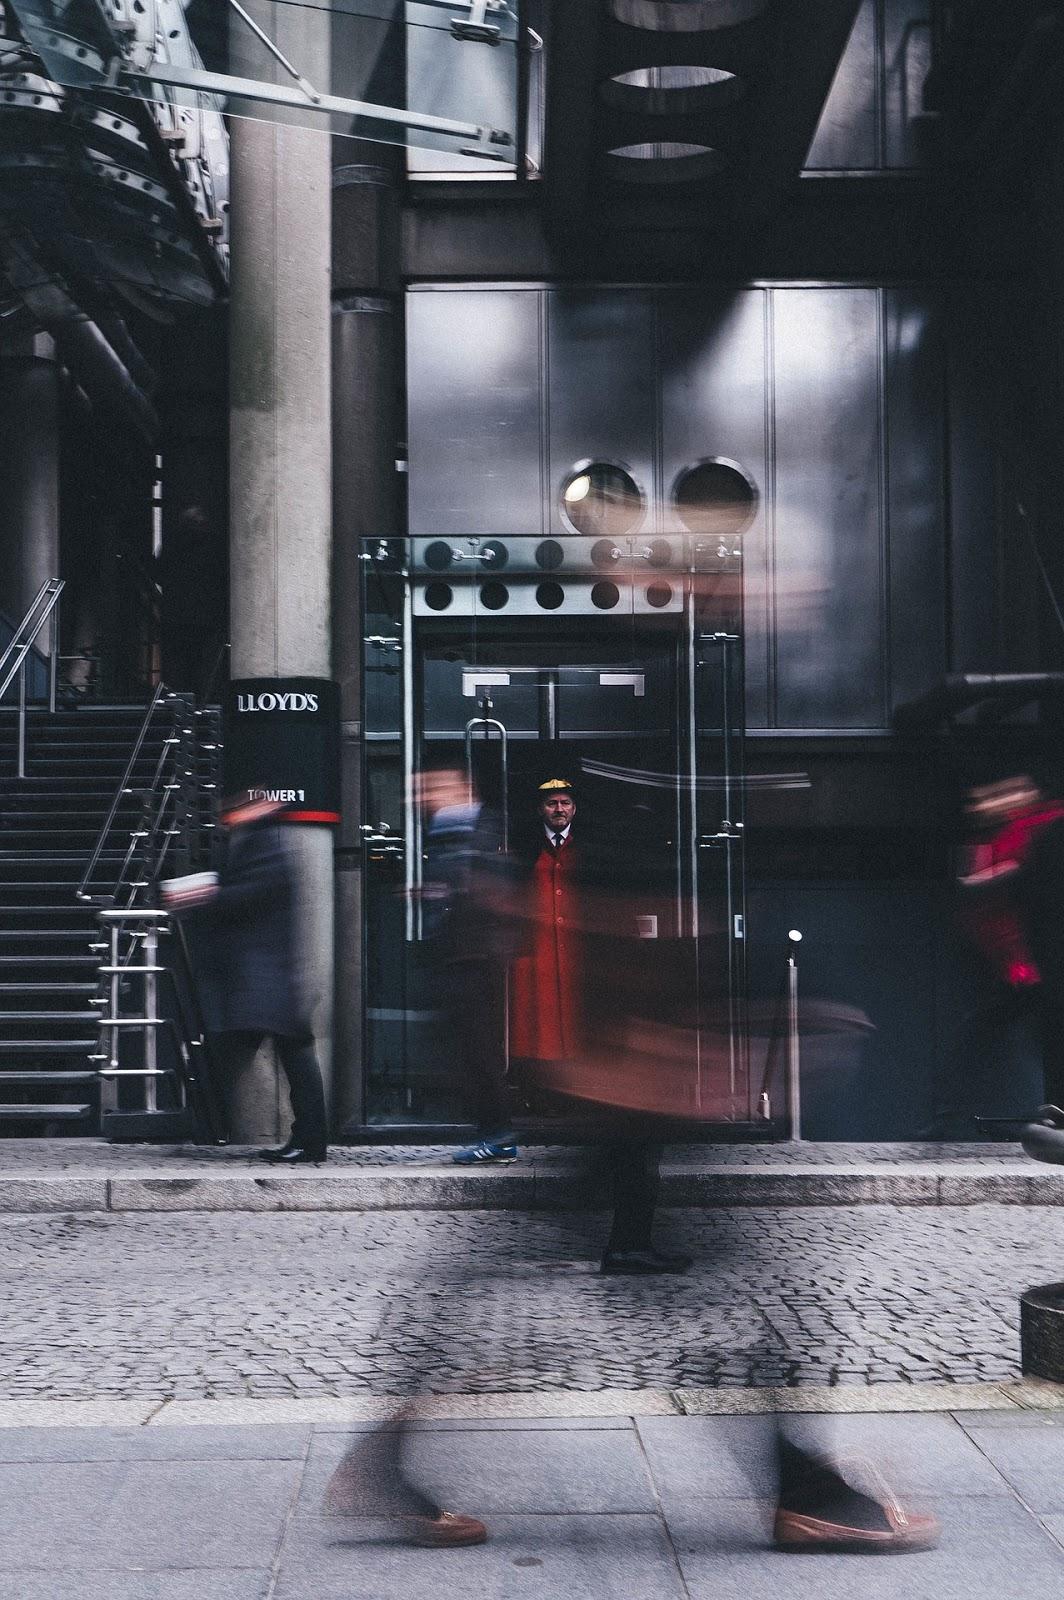 People walking blur